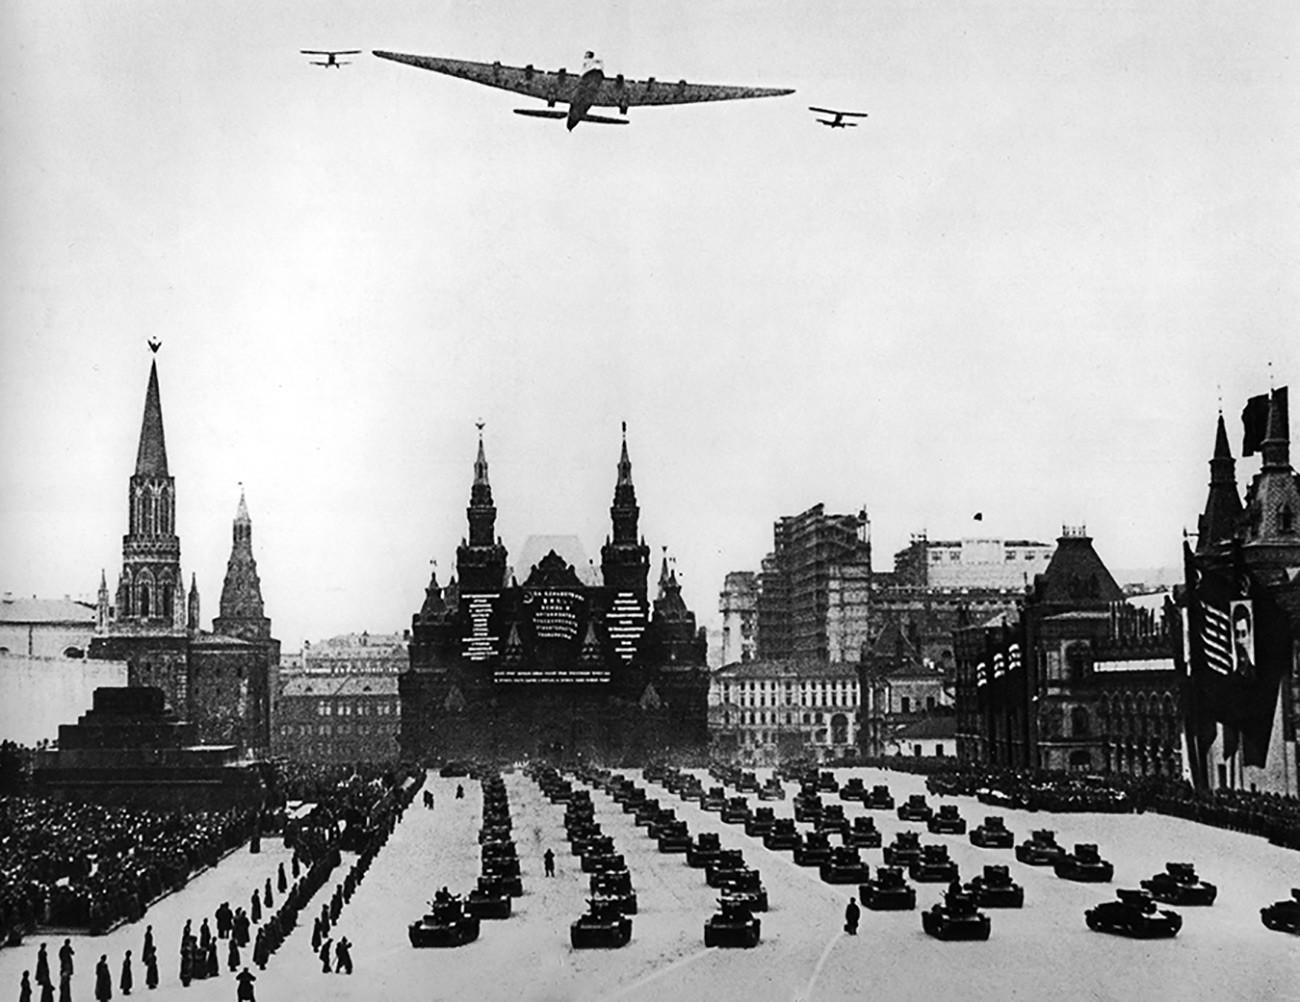 ANT-20 sobrevoa a Praça Vermelha em Moscou